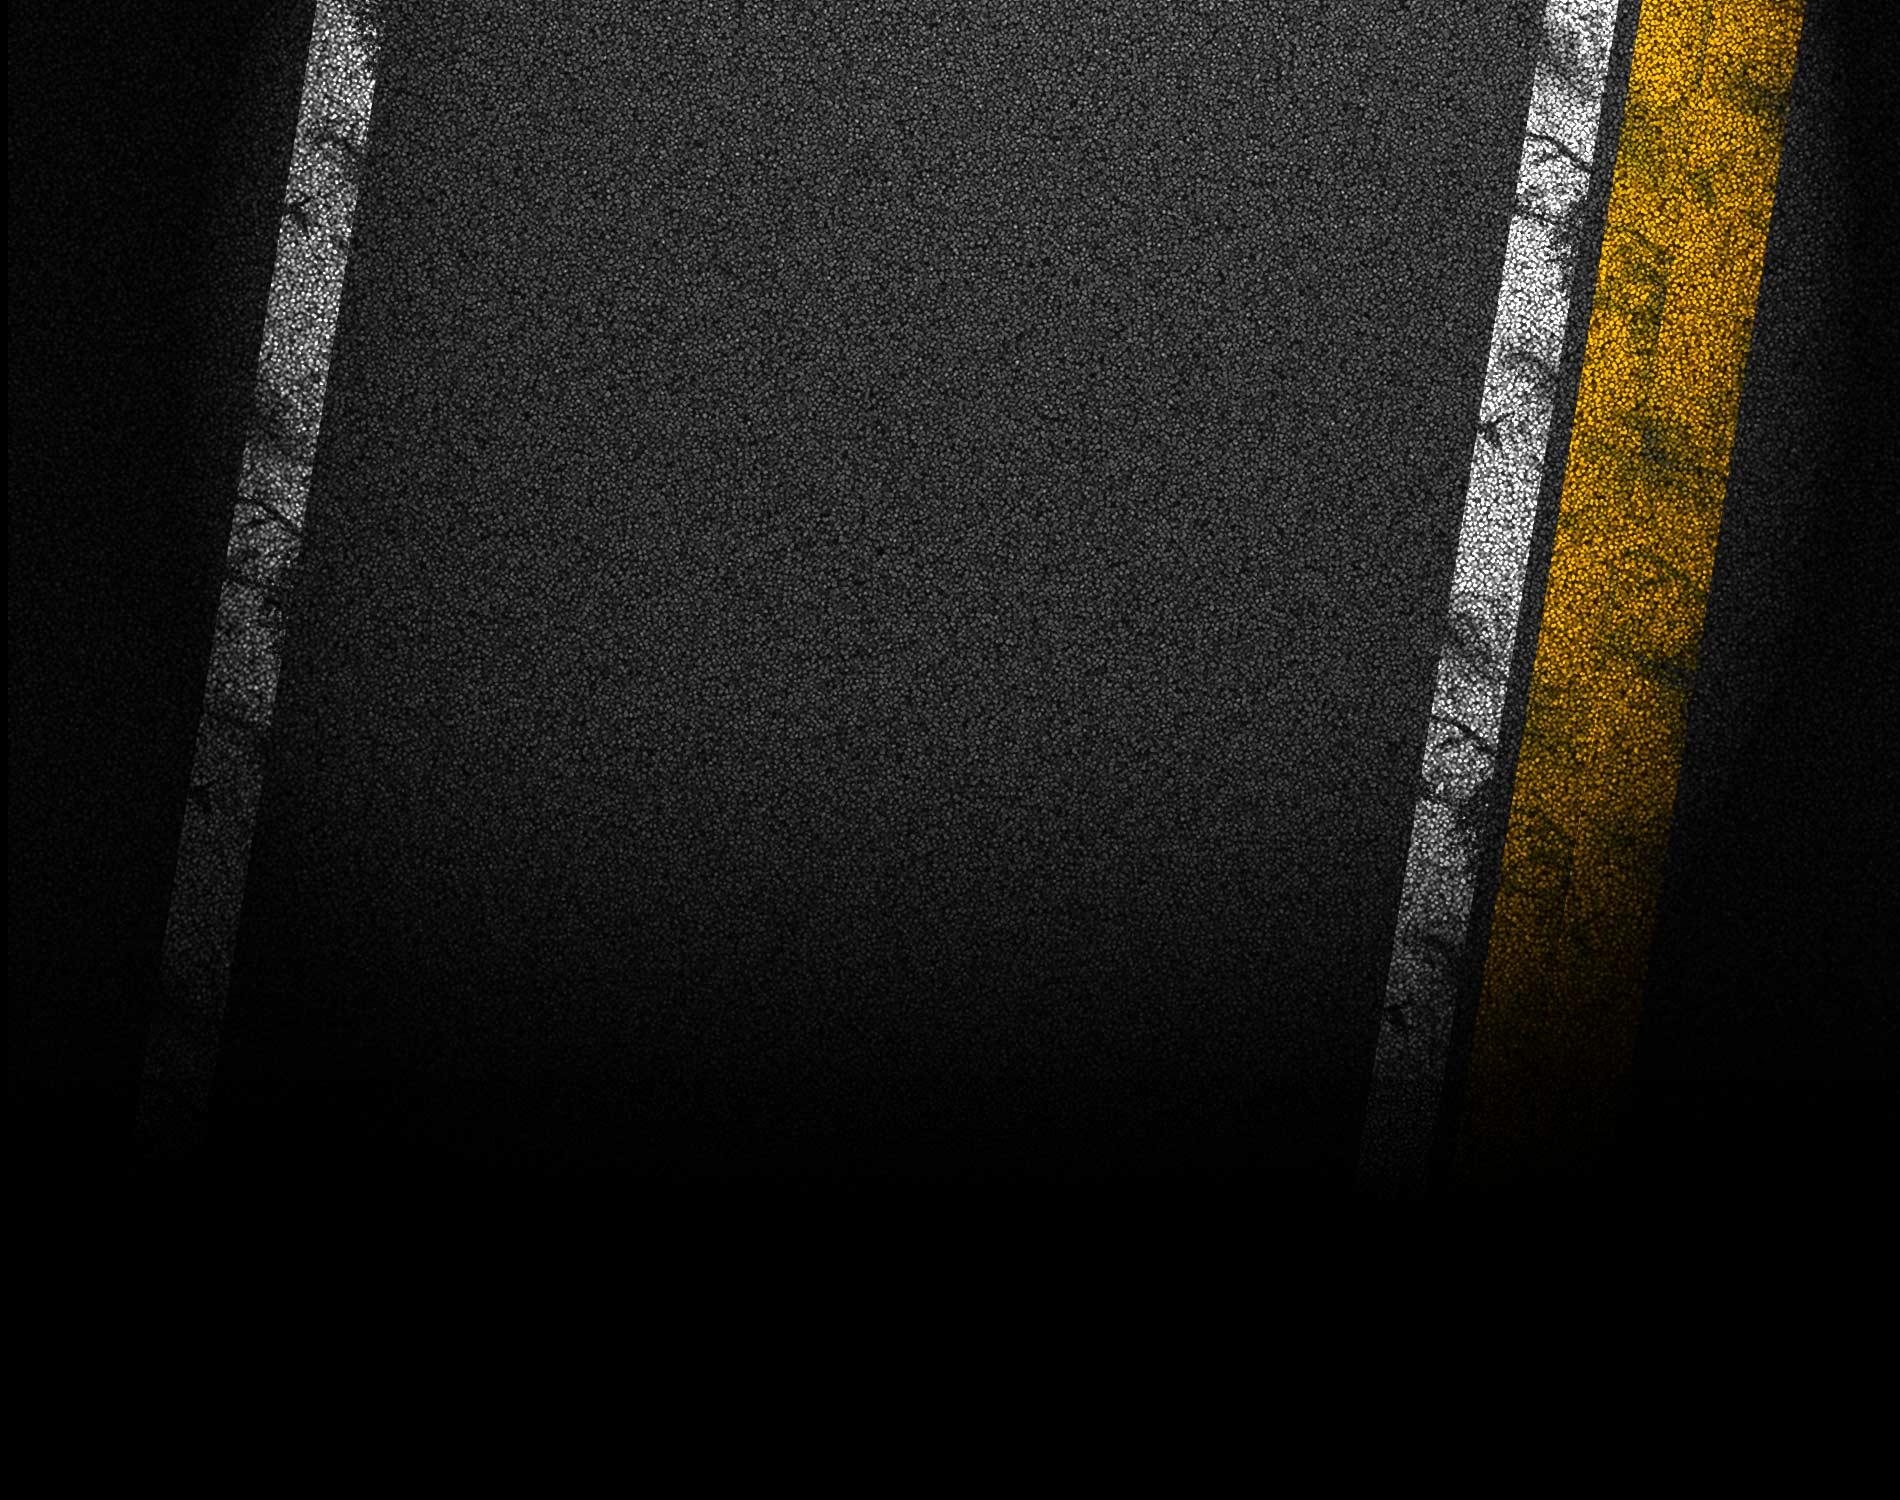 bmc background